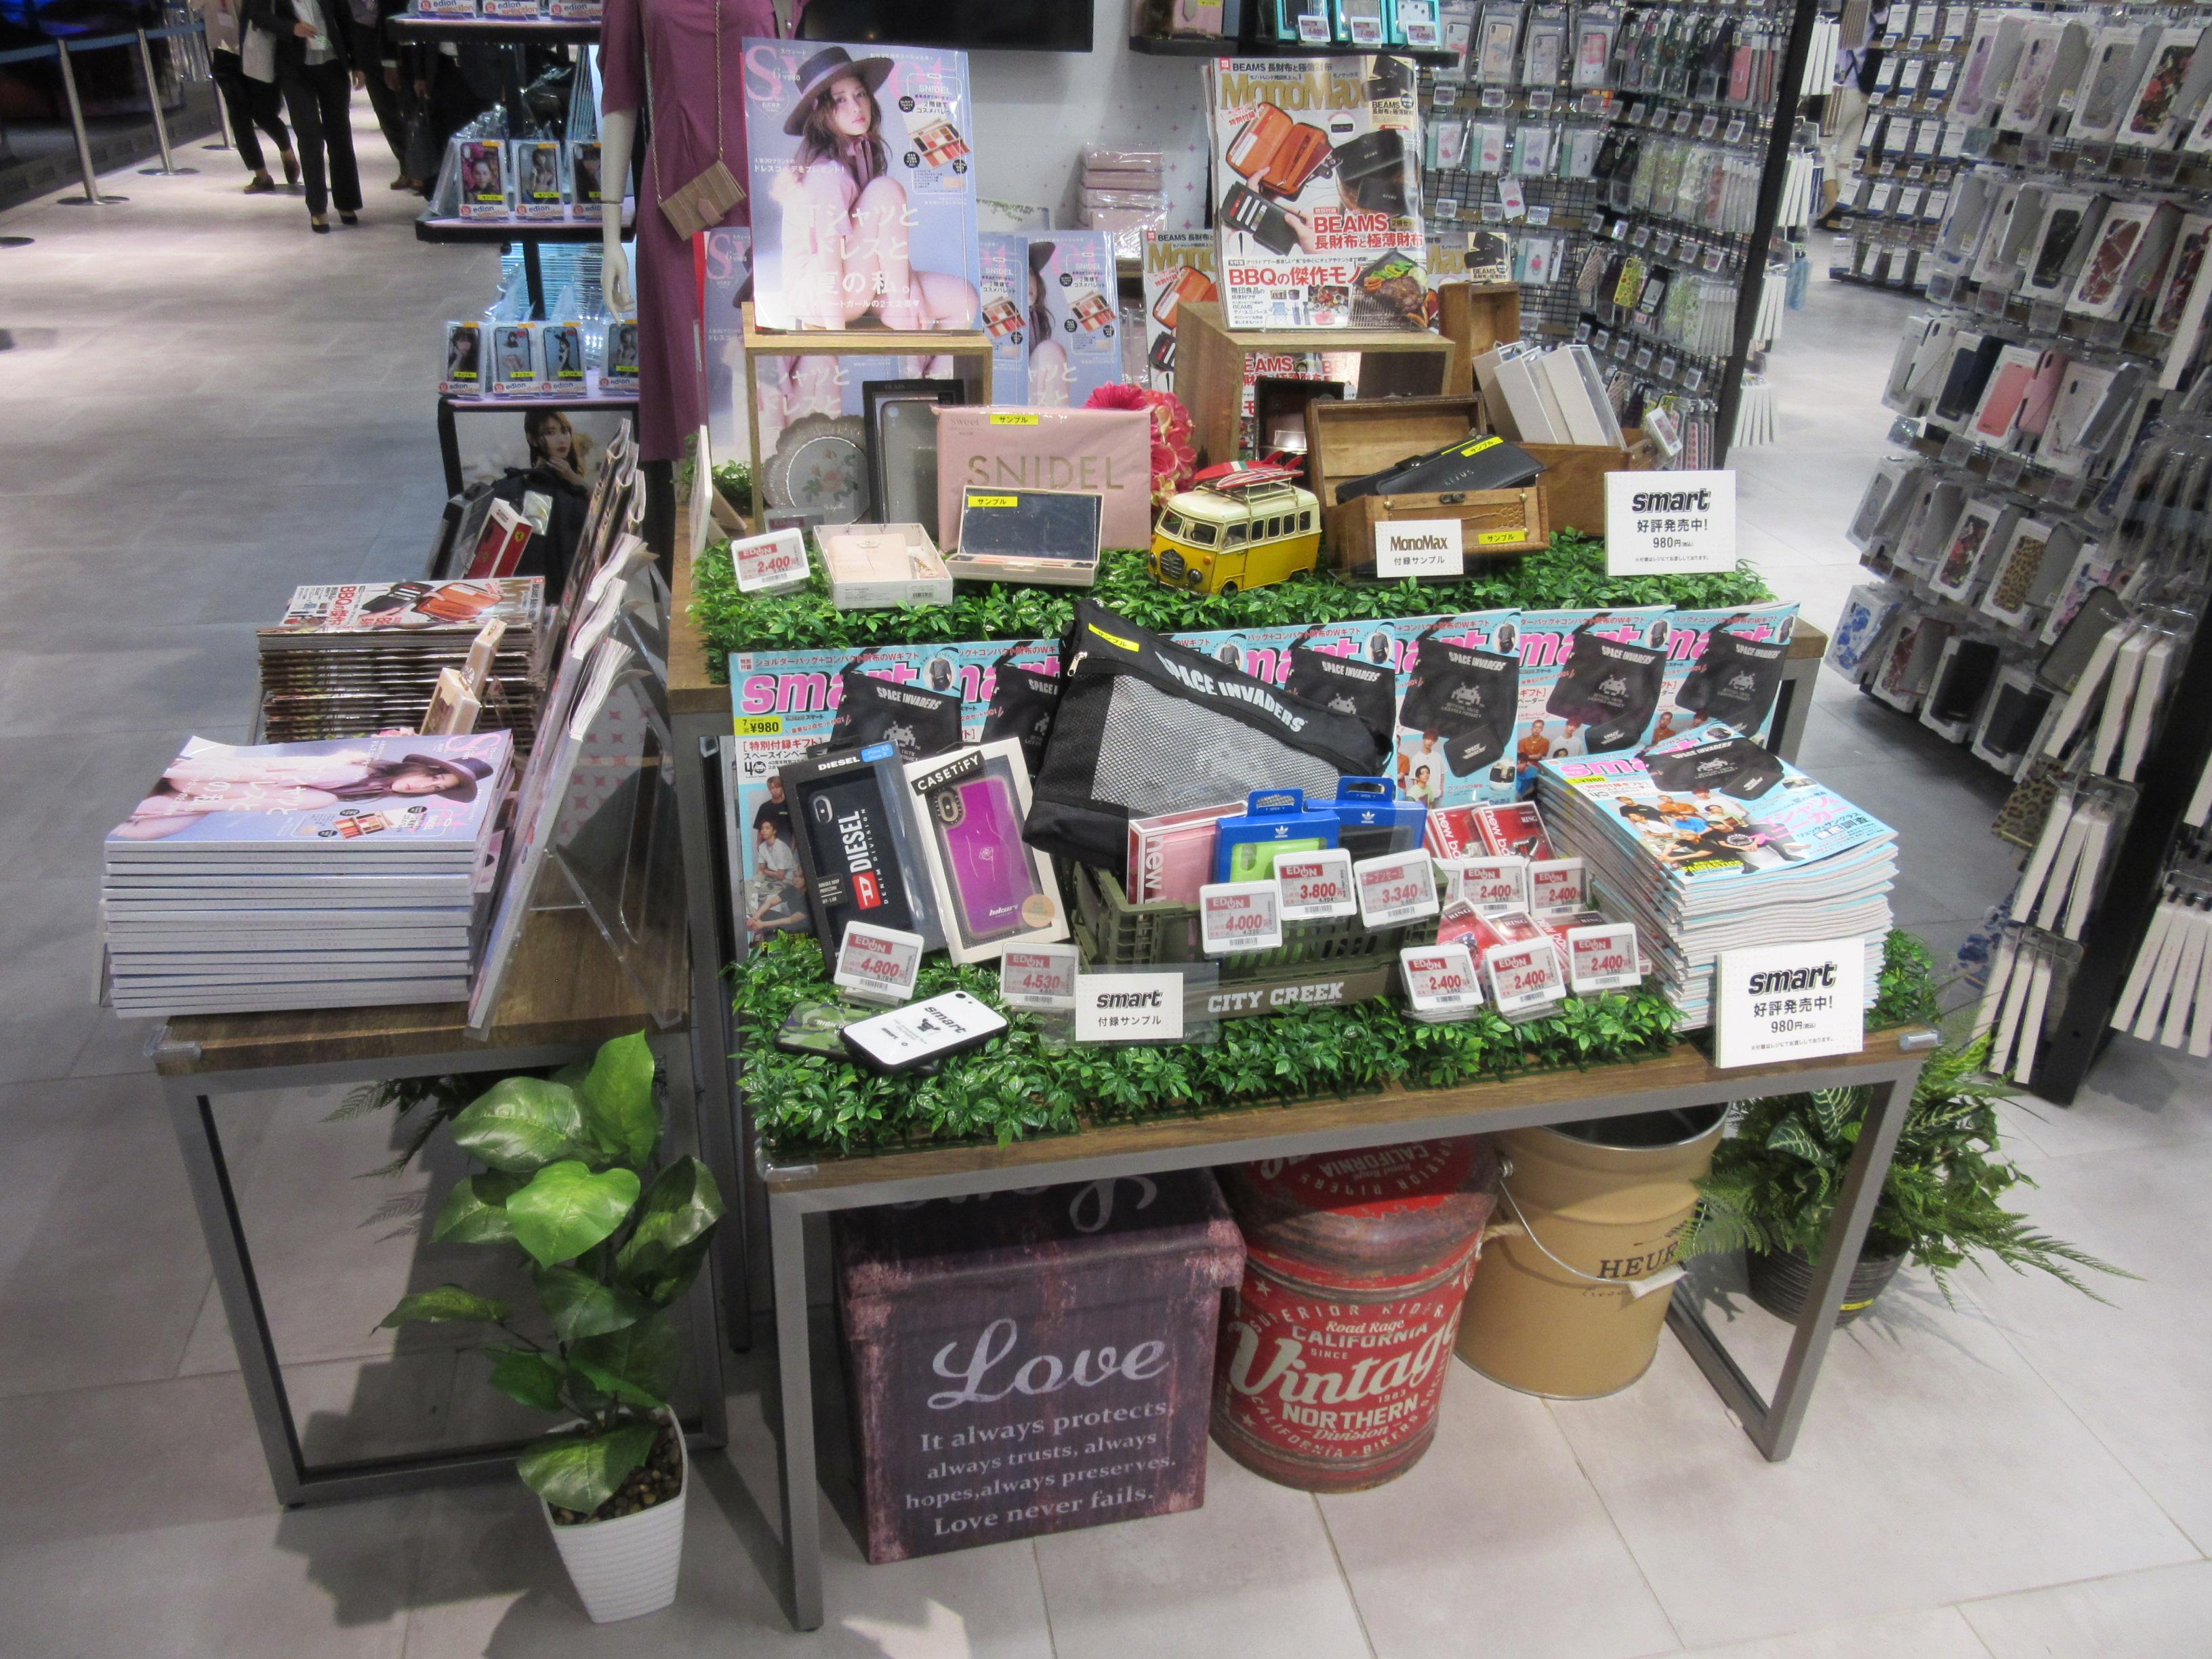 宝島社とのコラボで、スマートフォンのアクセサリーを集合展示。平場に単に並べるのではなく、遊び心のある展示となっている